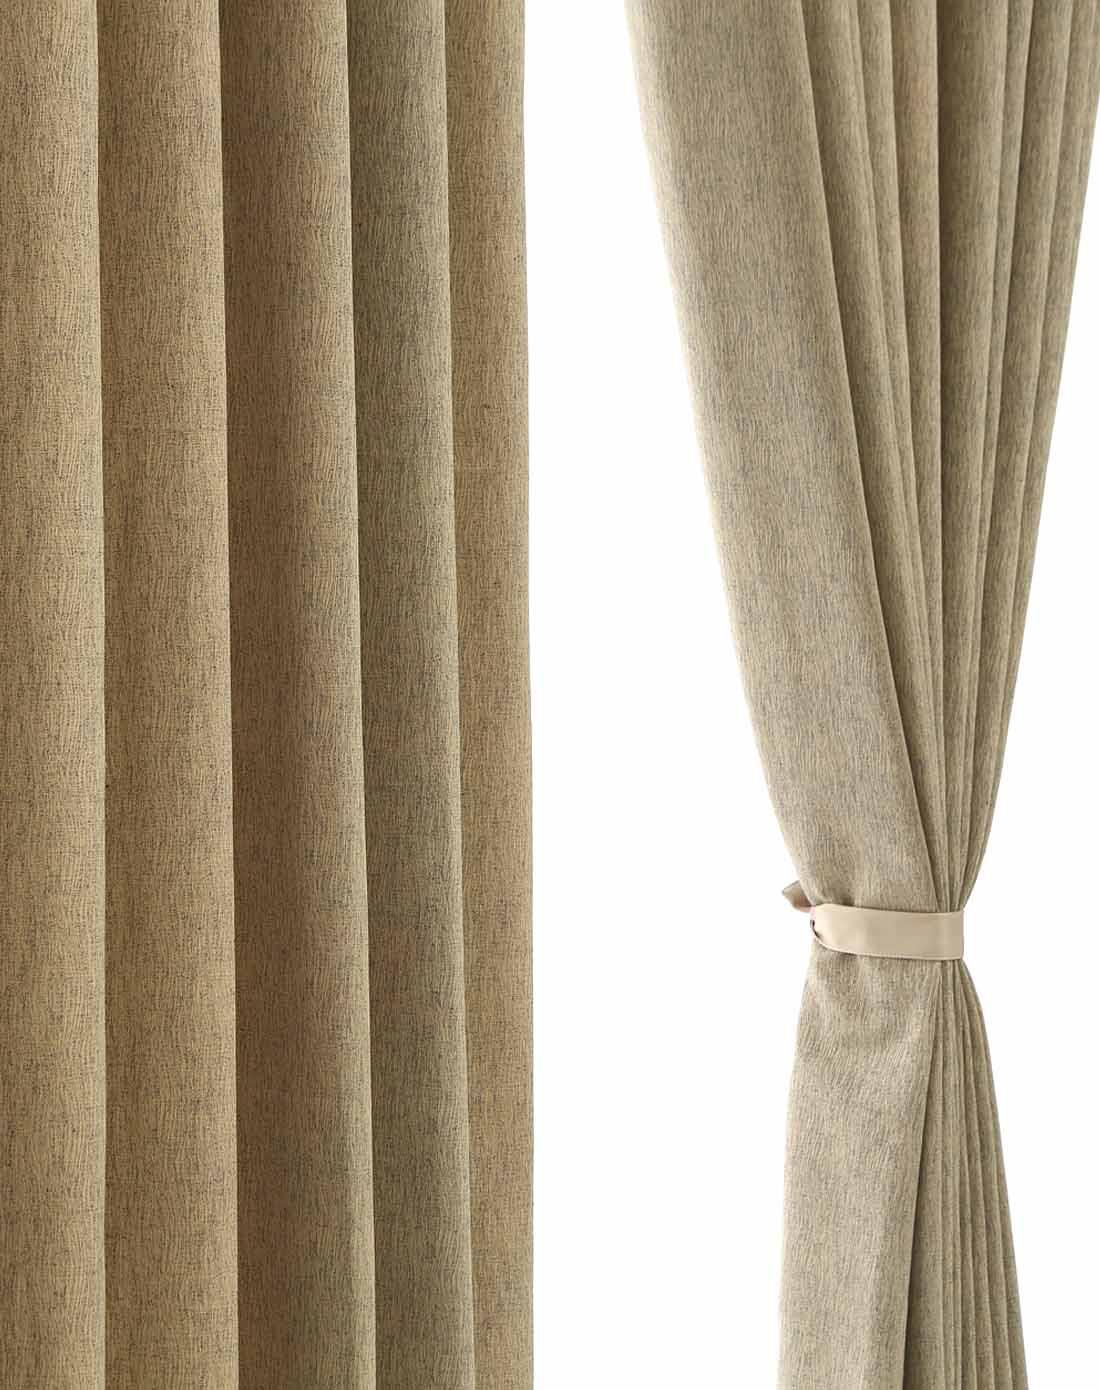 仿麻布深绿色客厅半遮光布艺窗帘 6*2.65